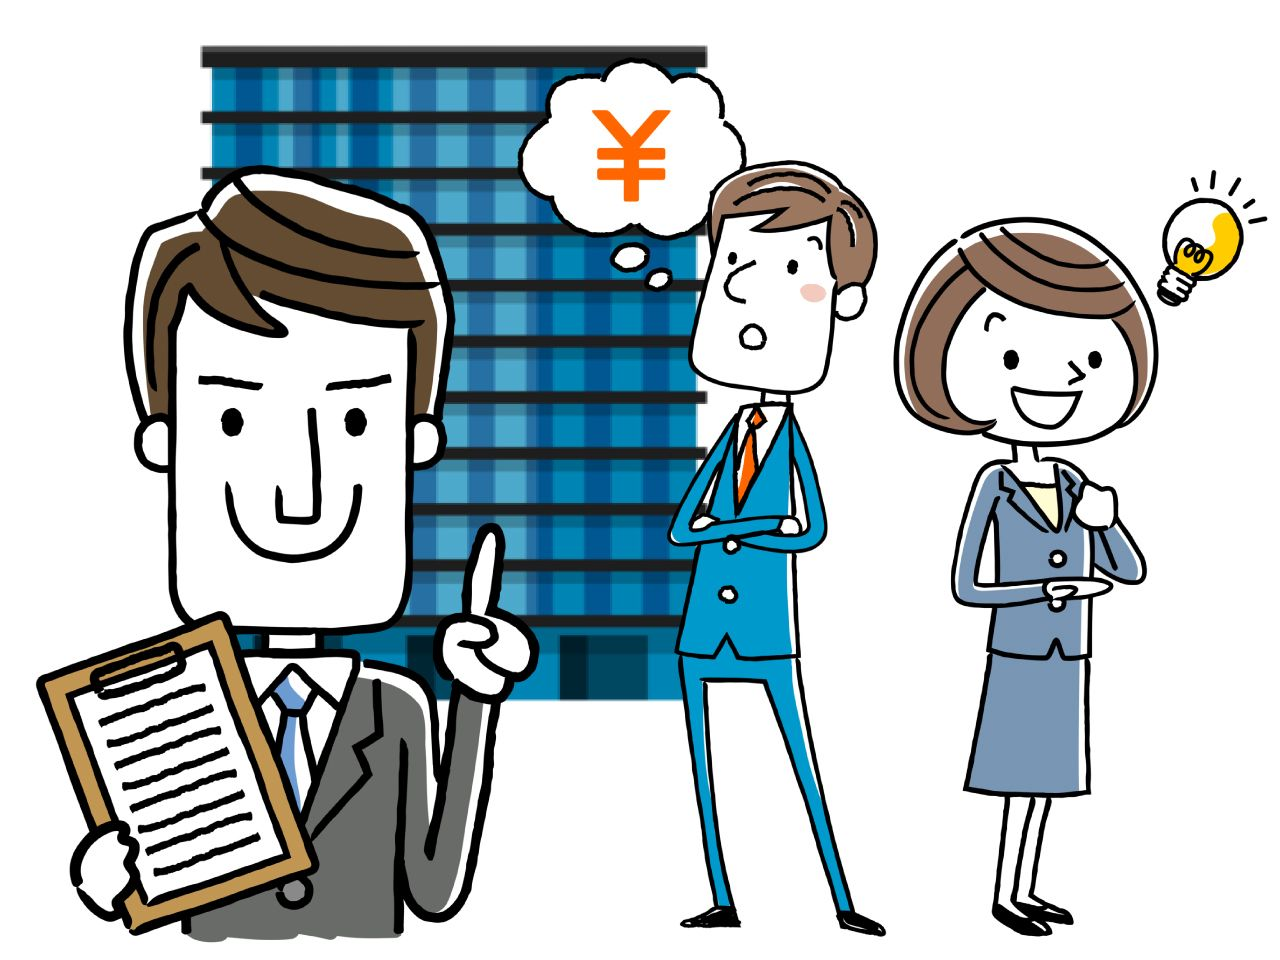 施設長・管理者の必要な資格についての解説イメージイラスト